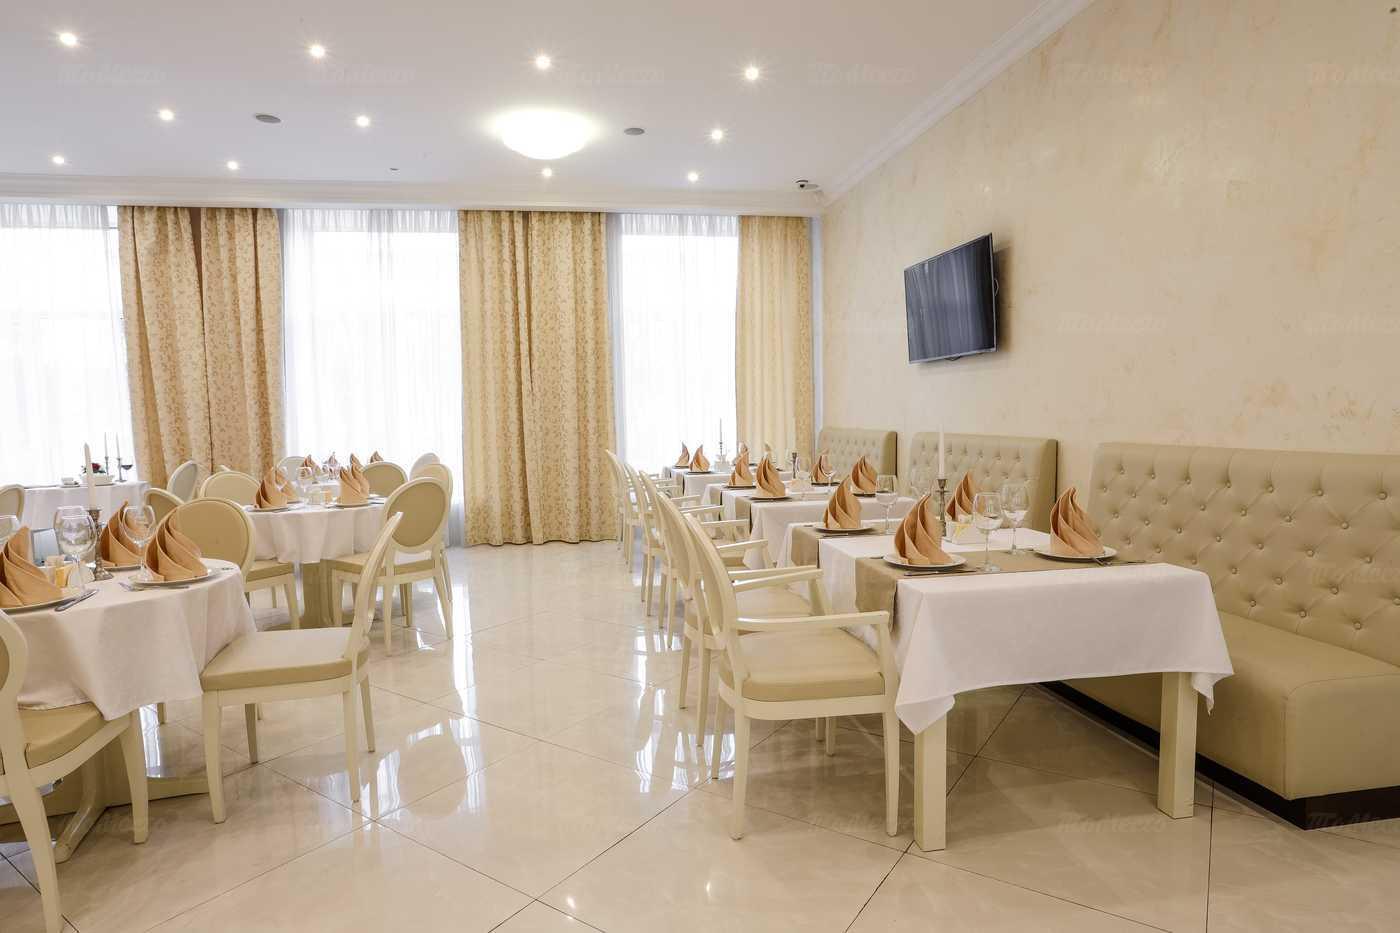 Ресторан Таволата на Лафонской фото 17